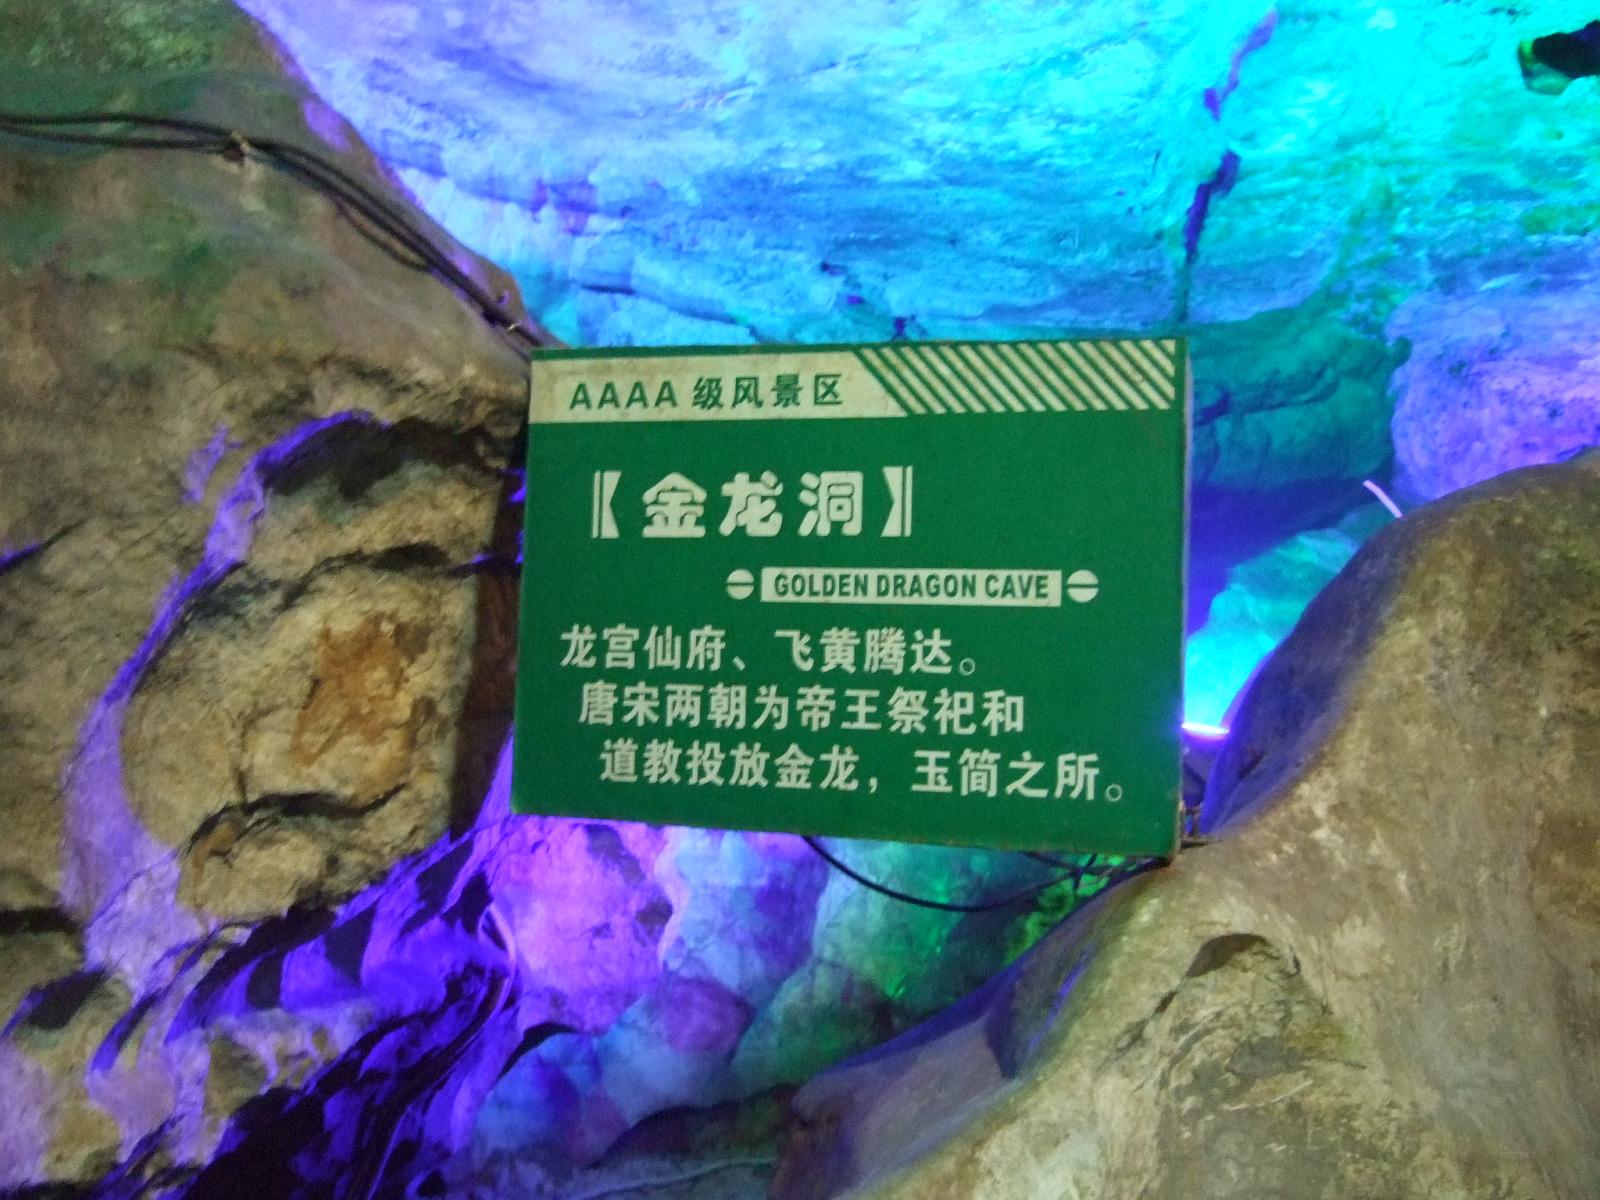 照片7 林屋洞之金龙洞